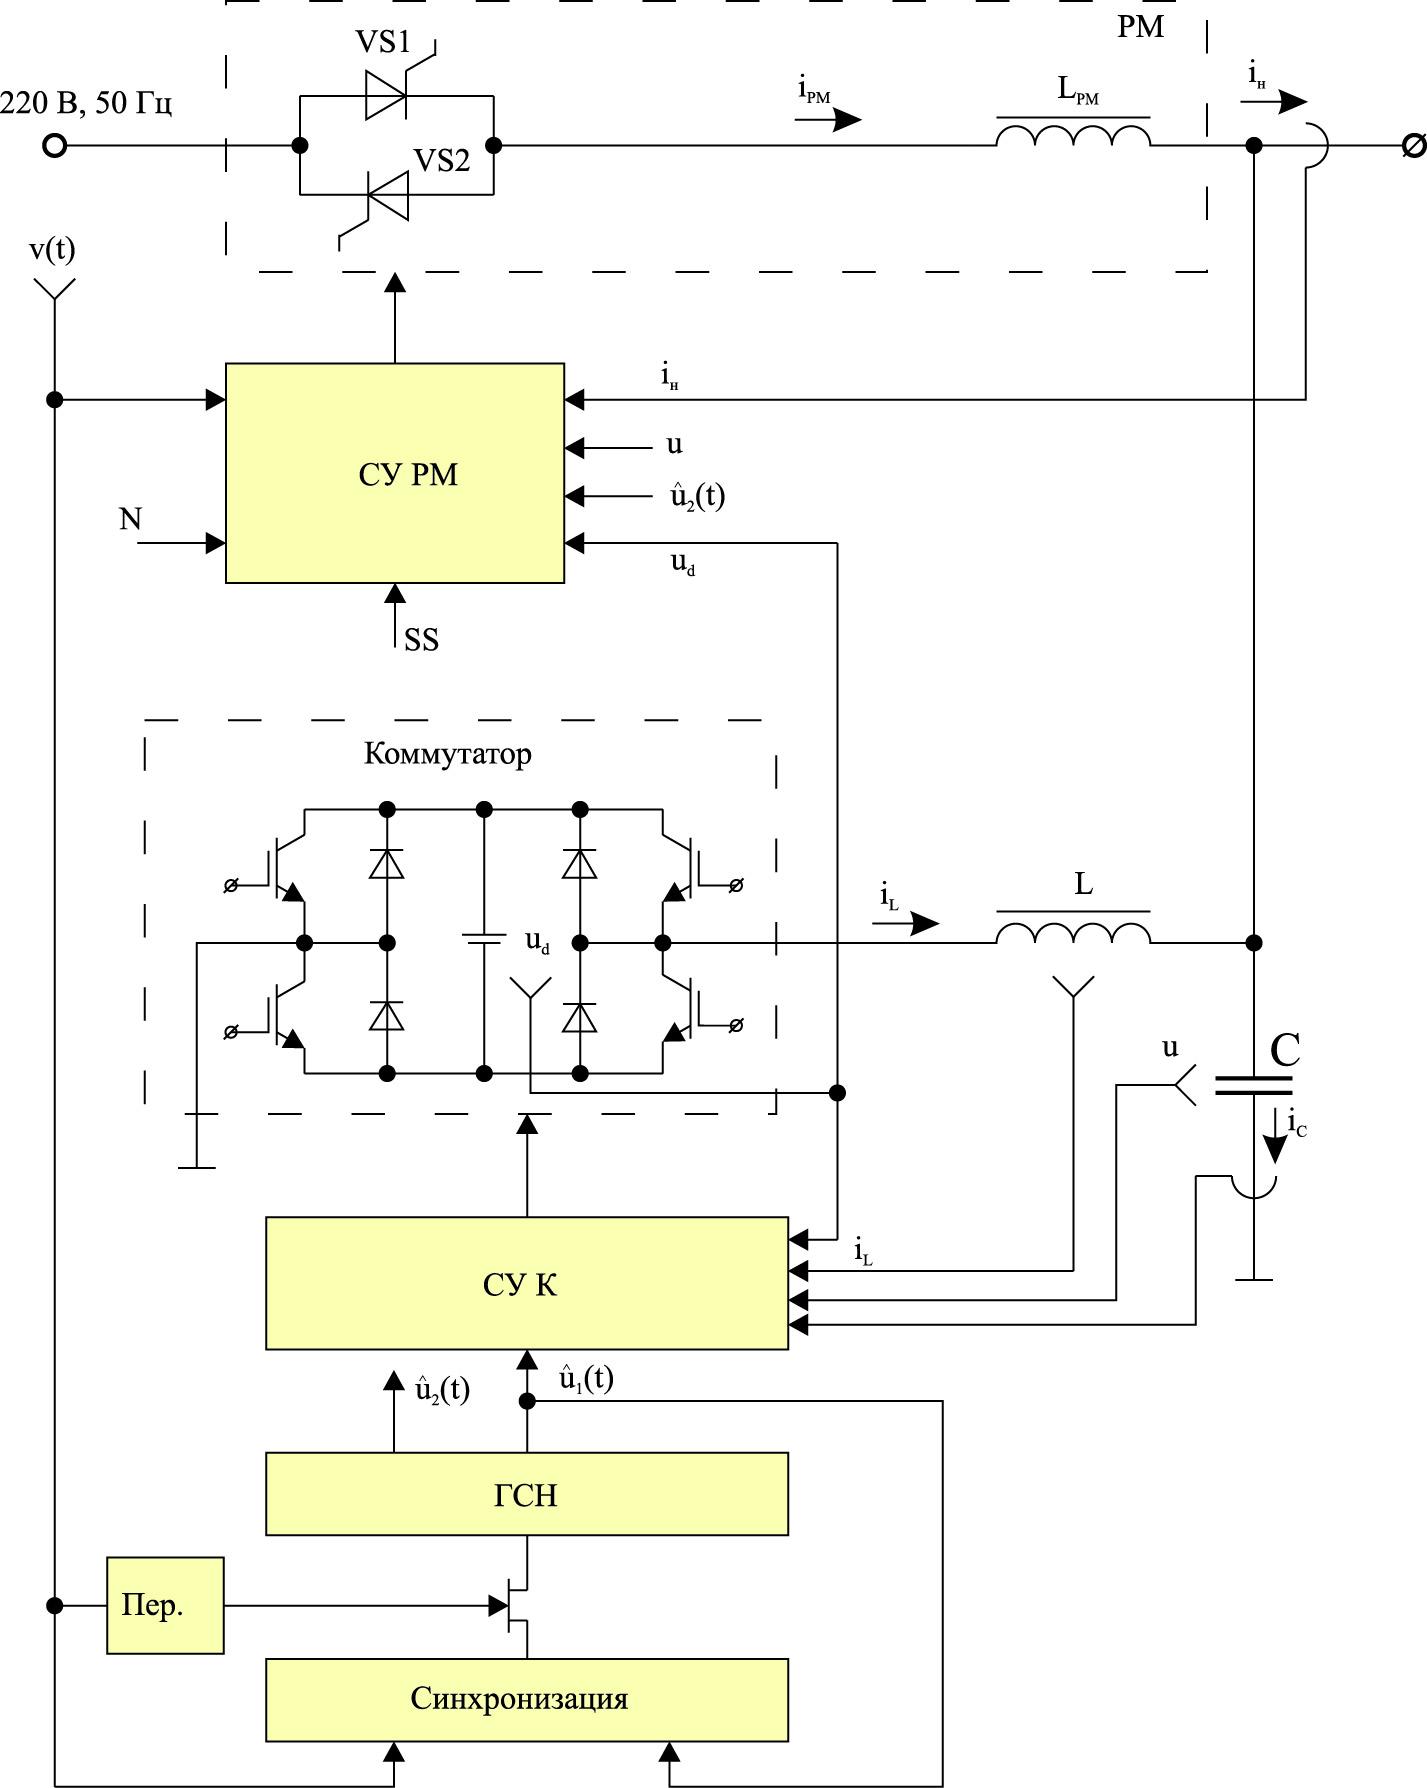 Структурная схема ИБП с РМ